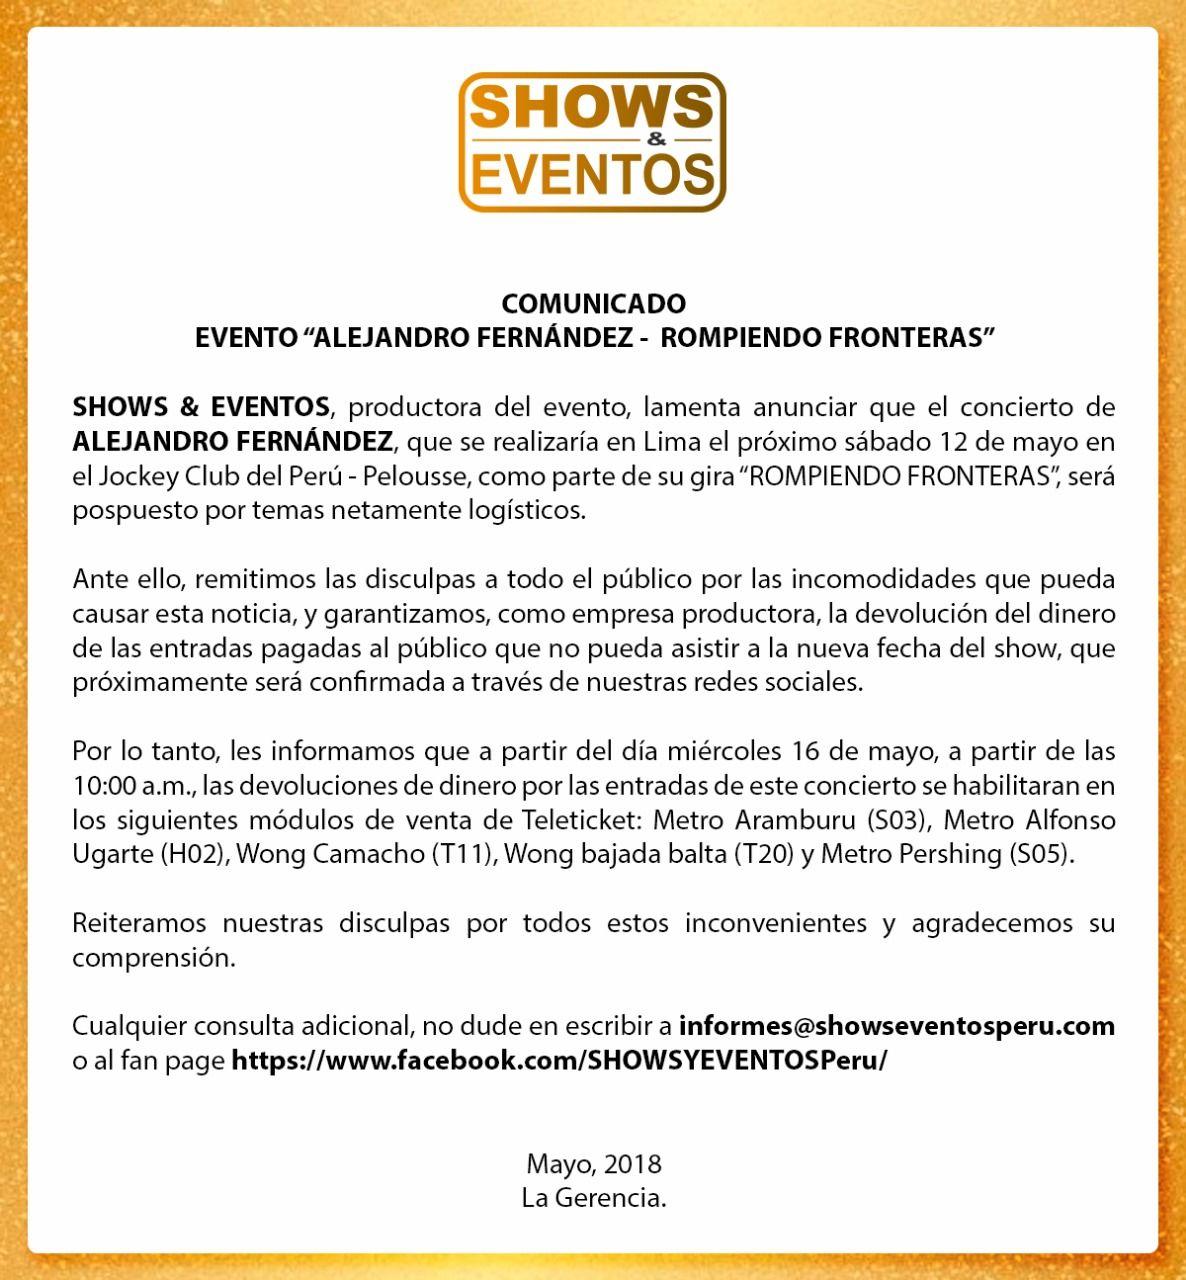 Este es el comunicado oficial de la empresa realizadora del show. (Créditos: Shows & Eventos)